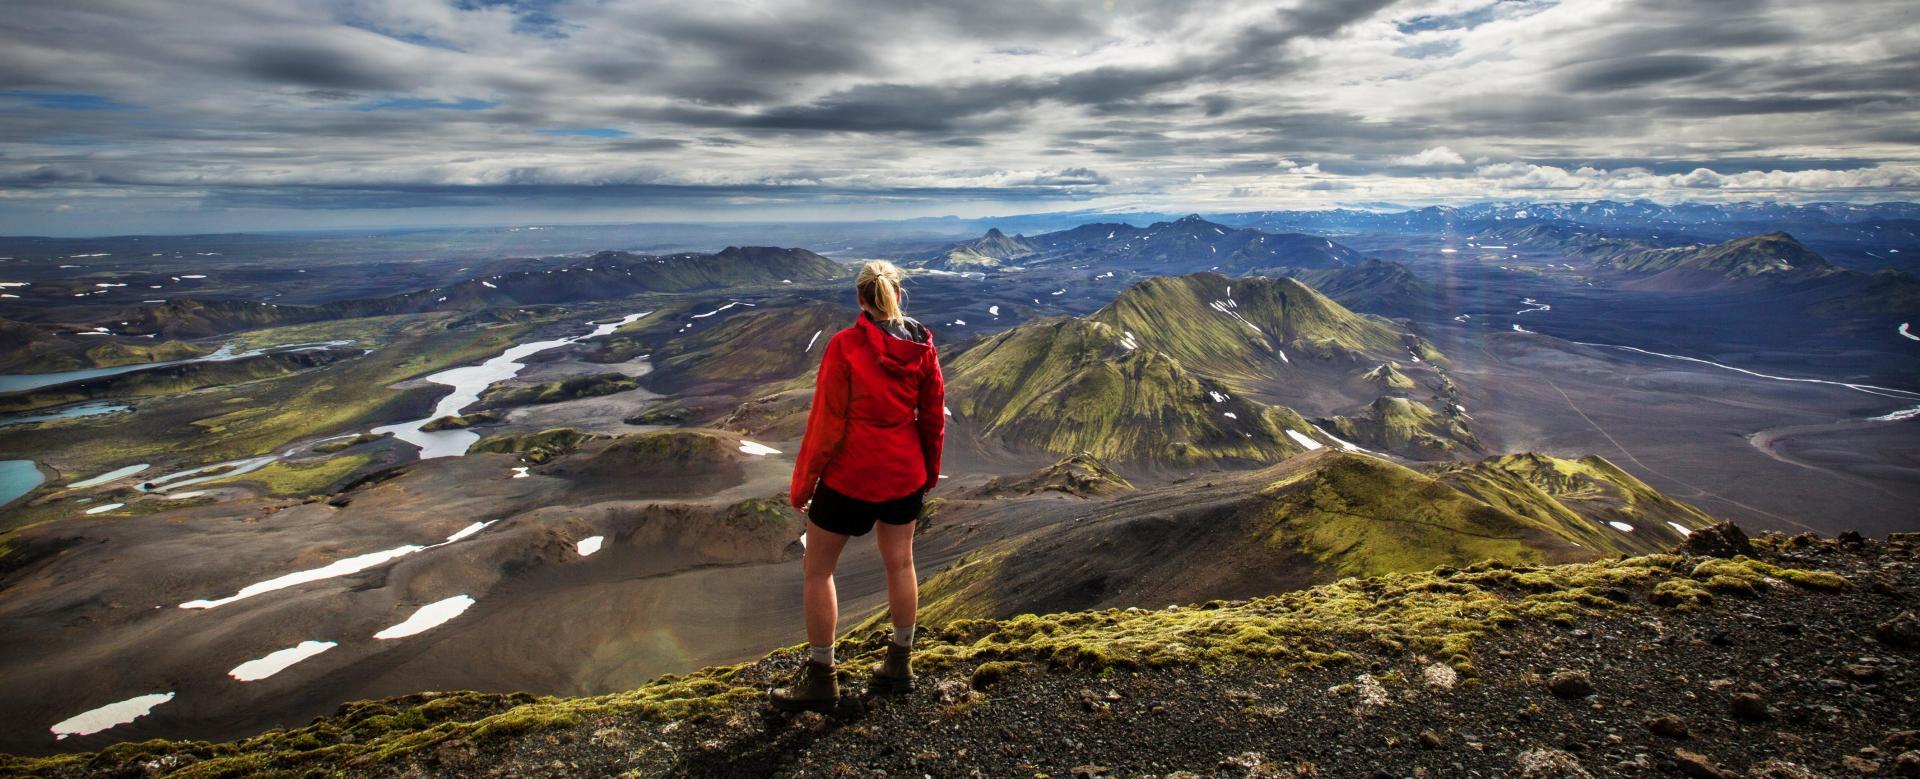 Voyage à pied : Le trek de landmannalaugar